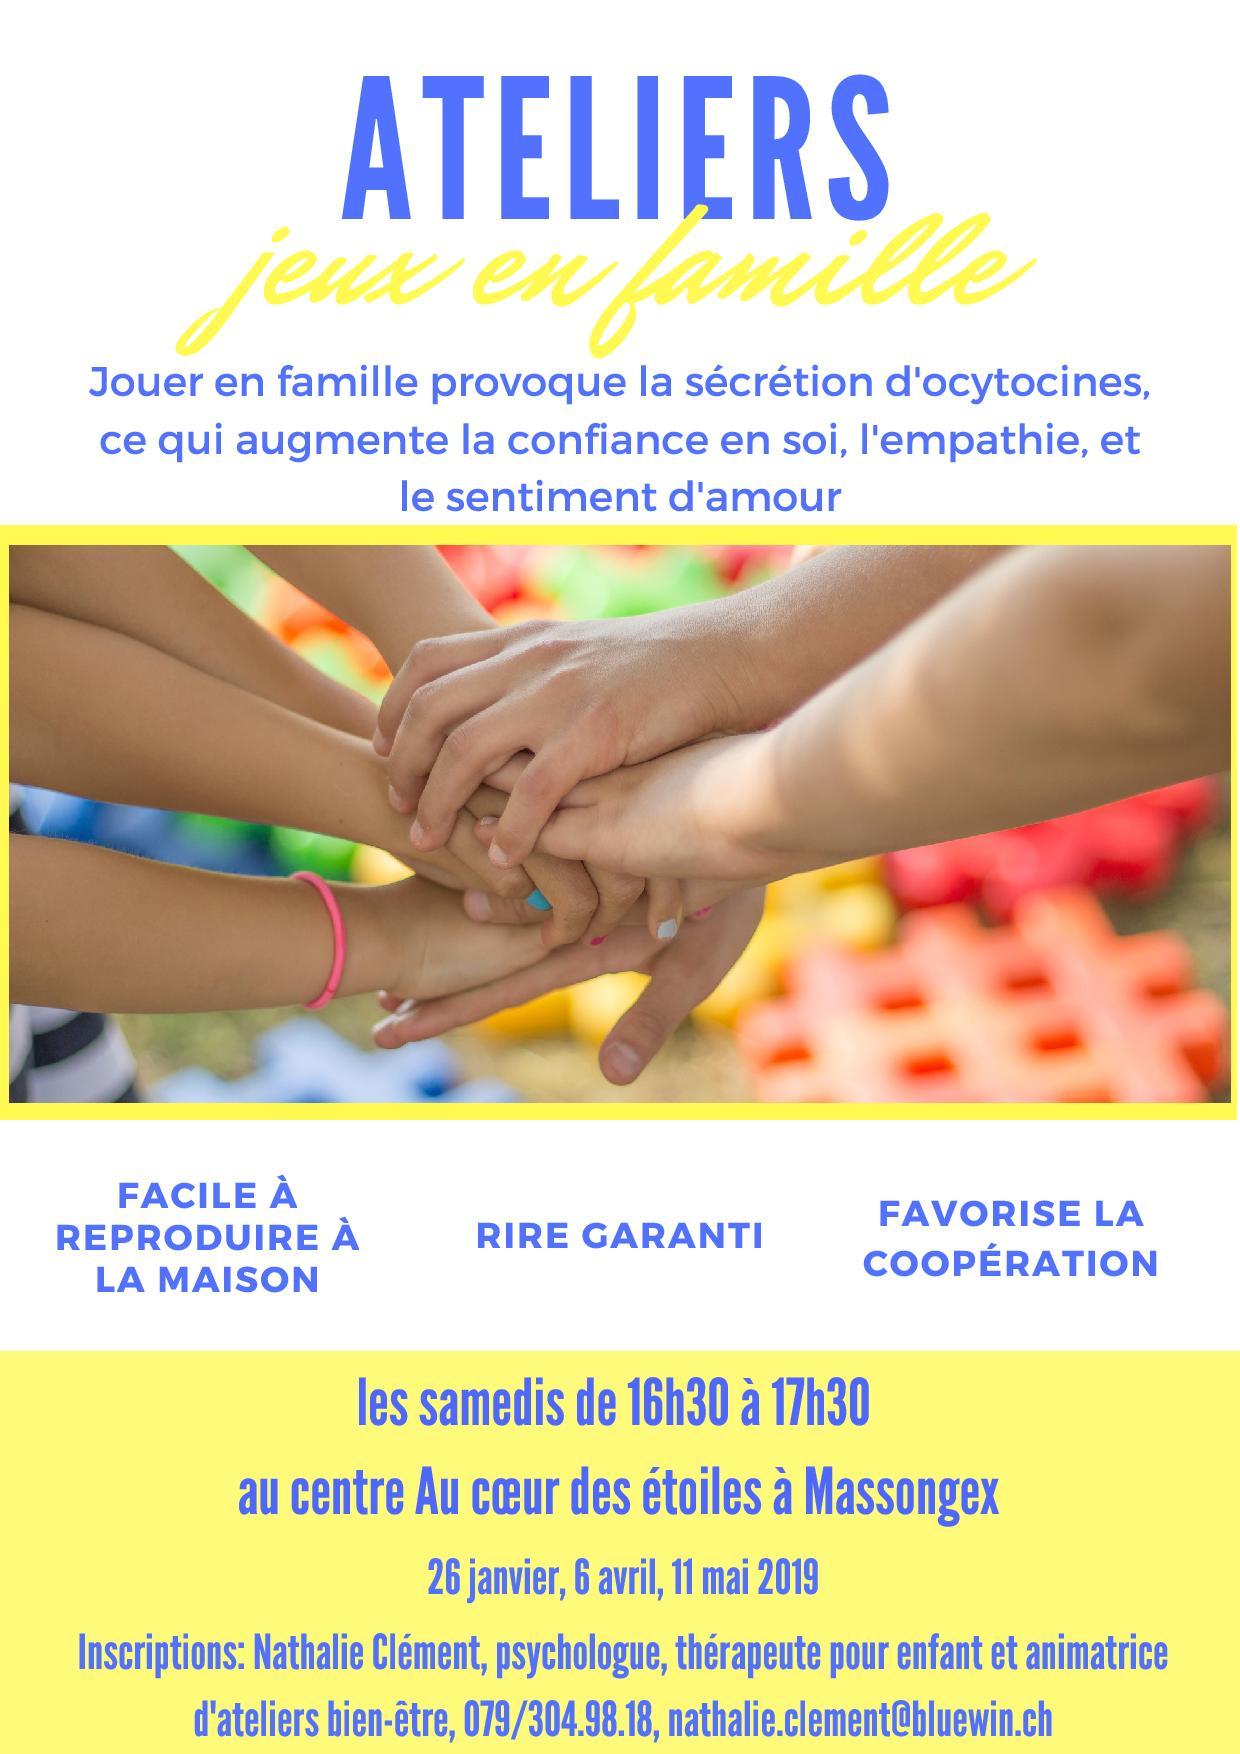 jeux en famille, chablais, massongex, bien-être, moment privilégié, Nathalie Clément